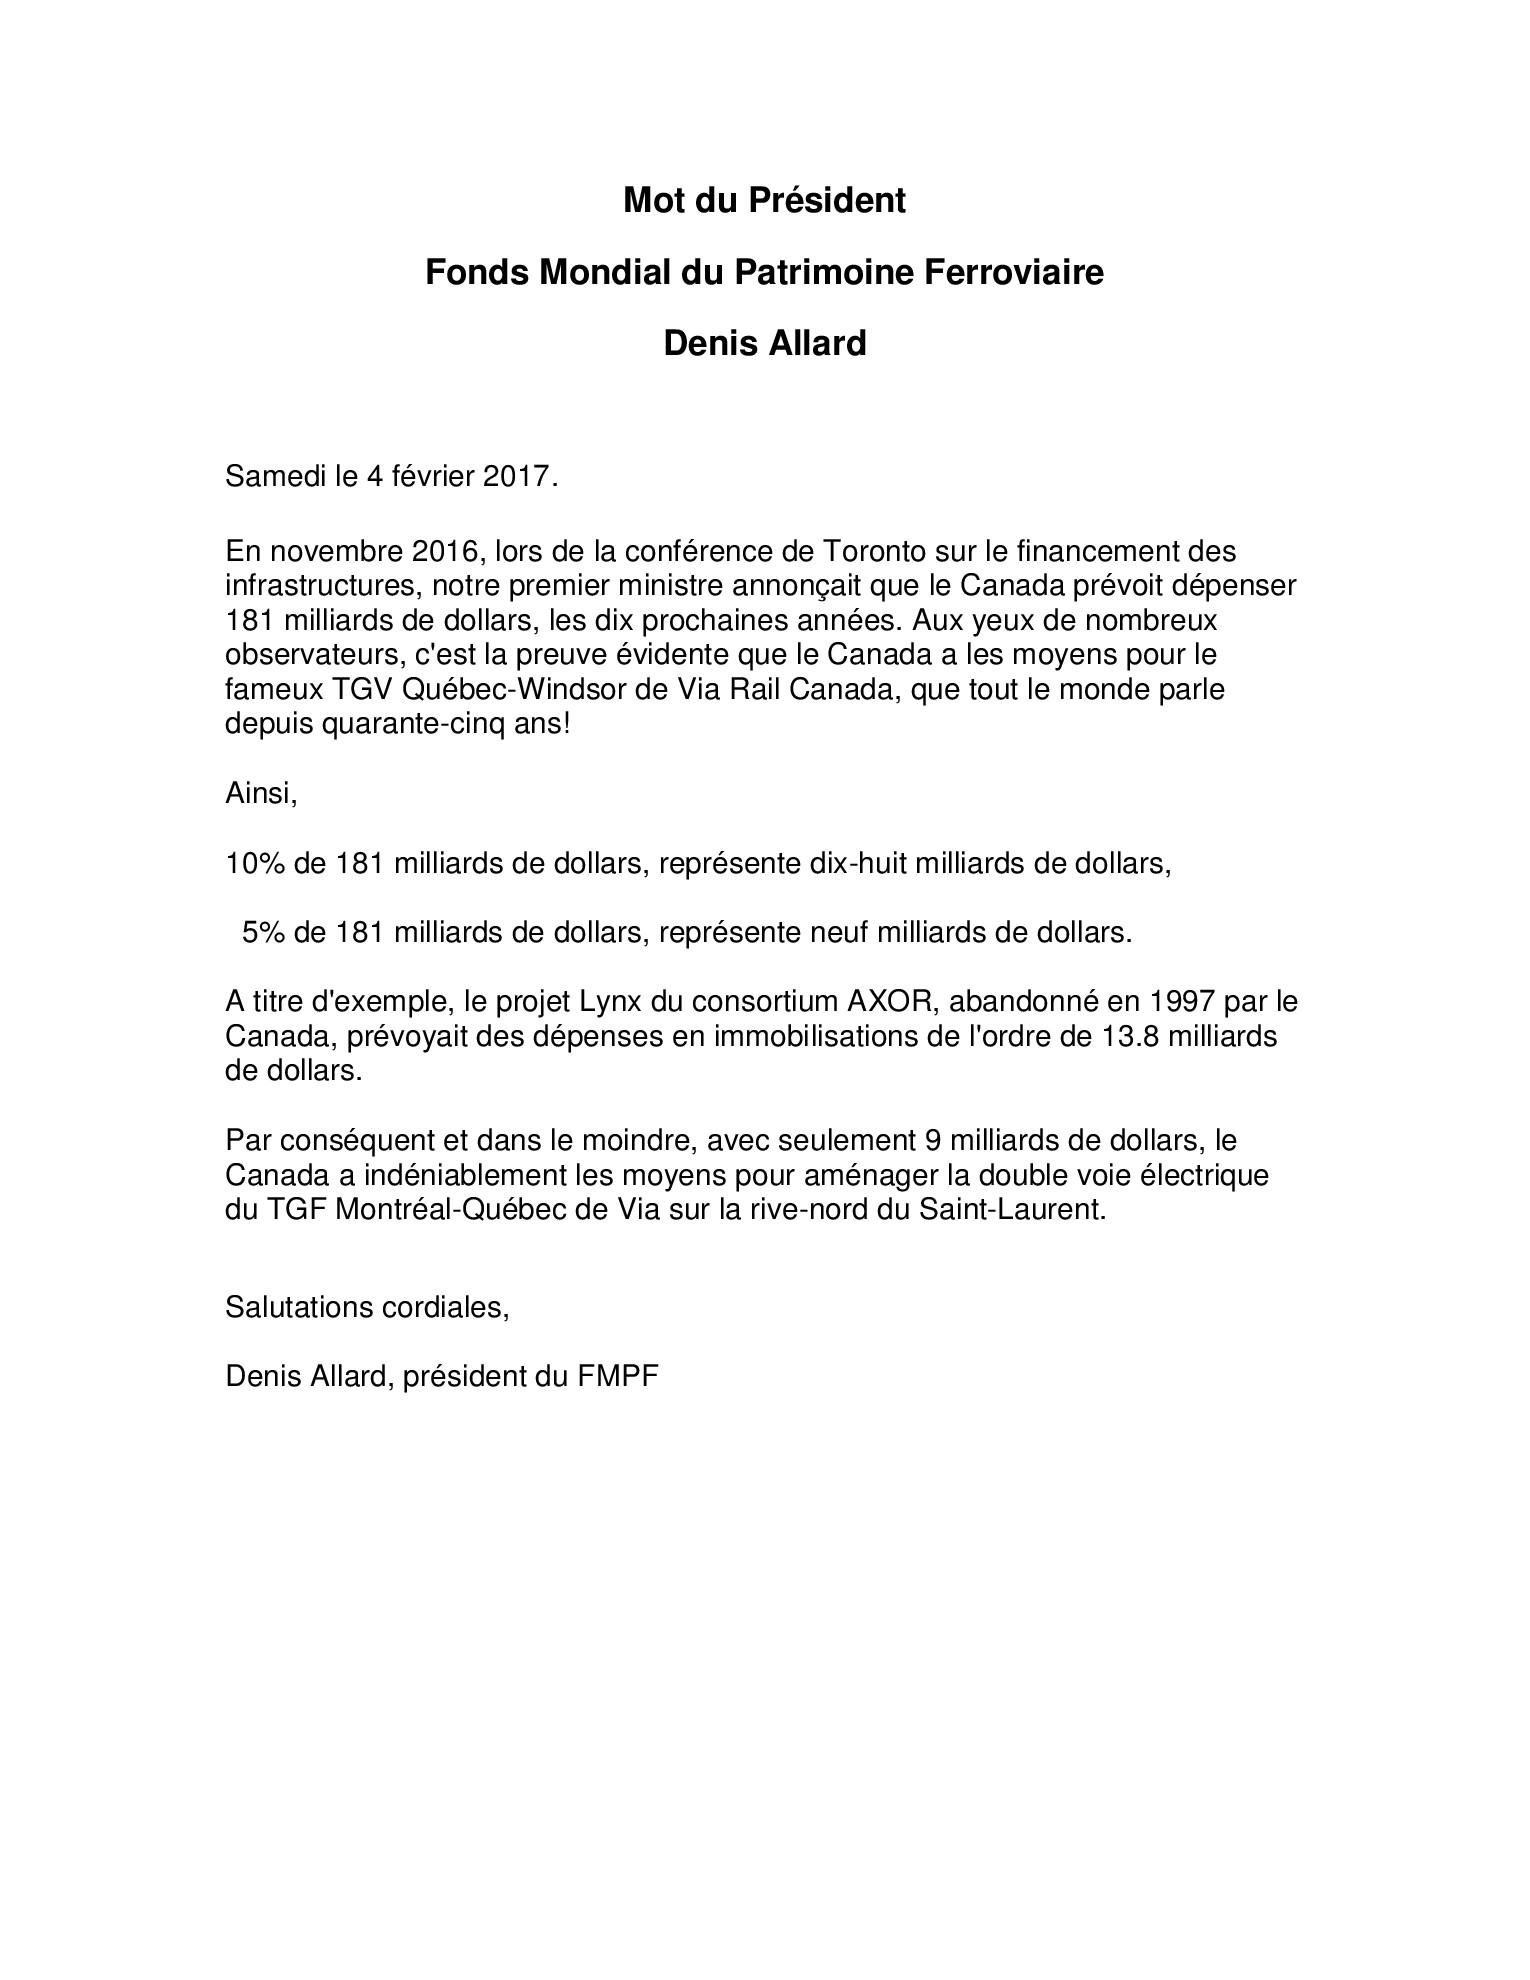 Mot de monsieur Denis Allard, Président du FMPF